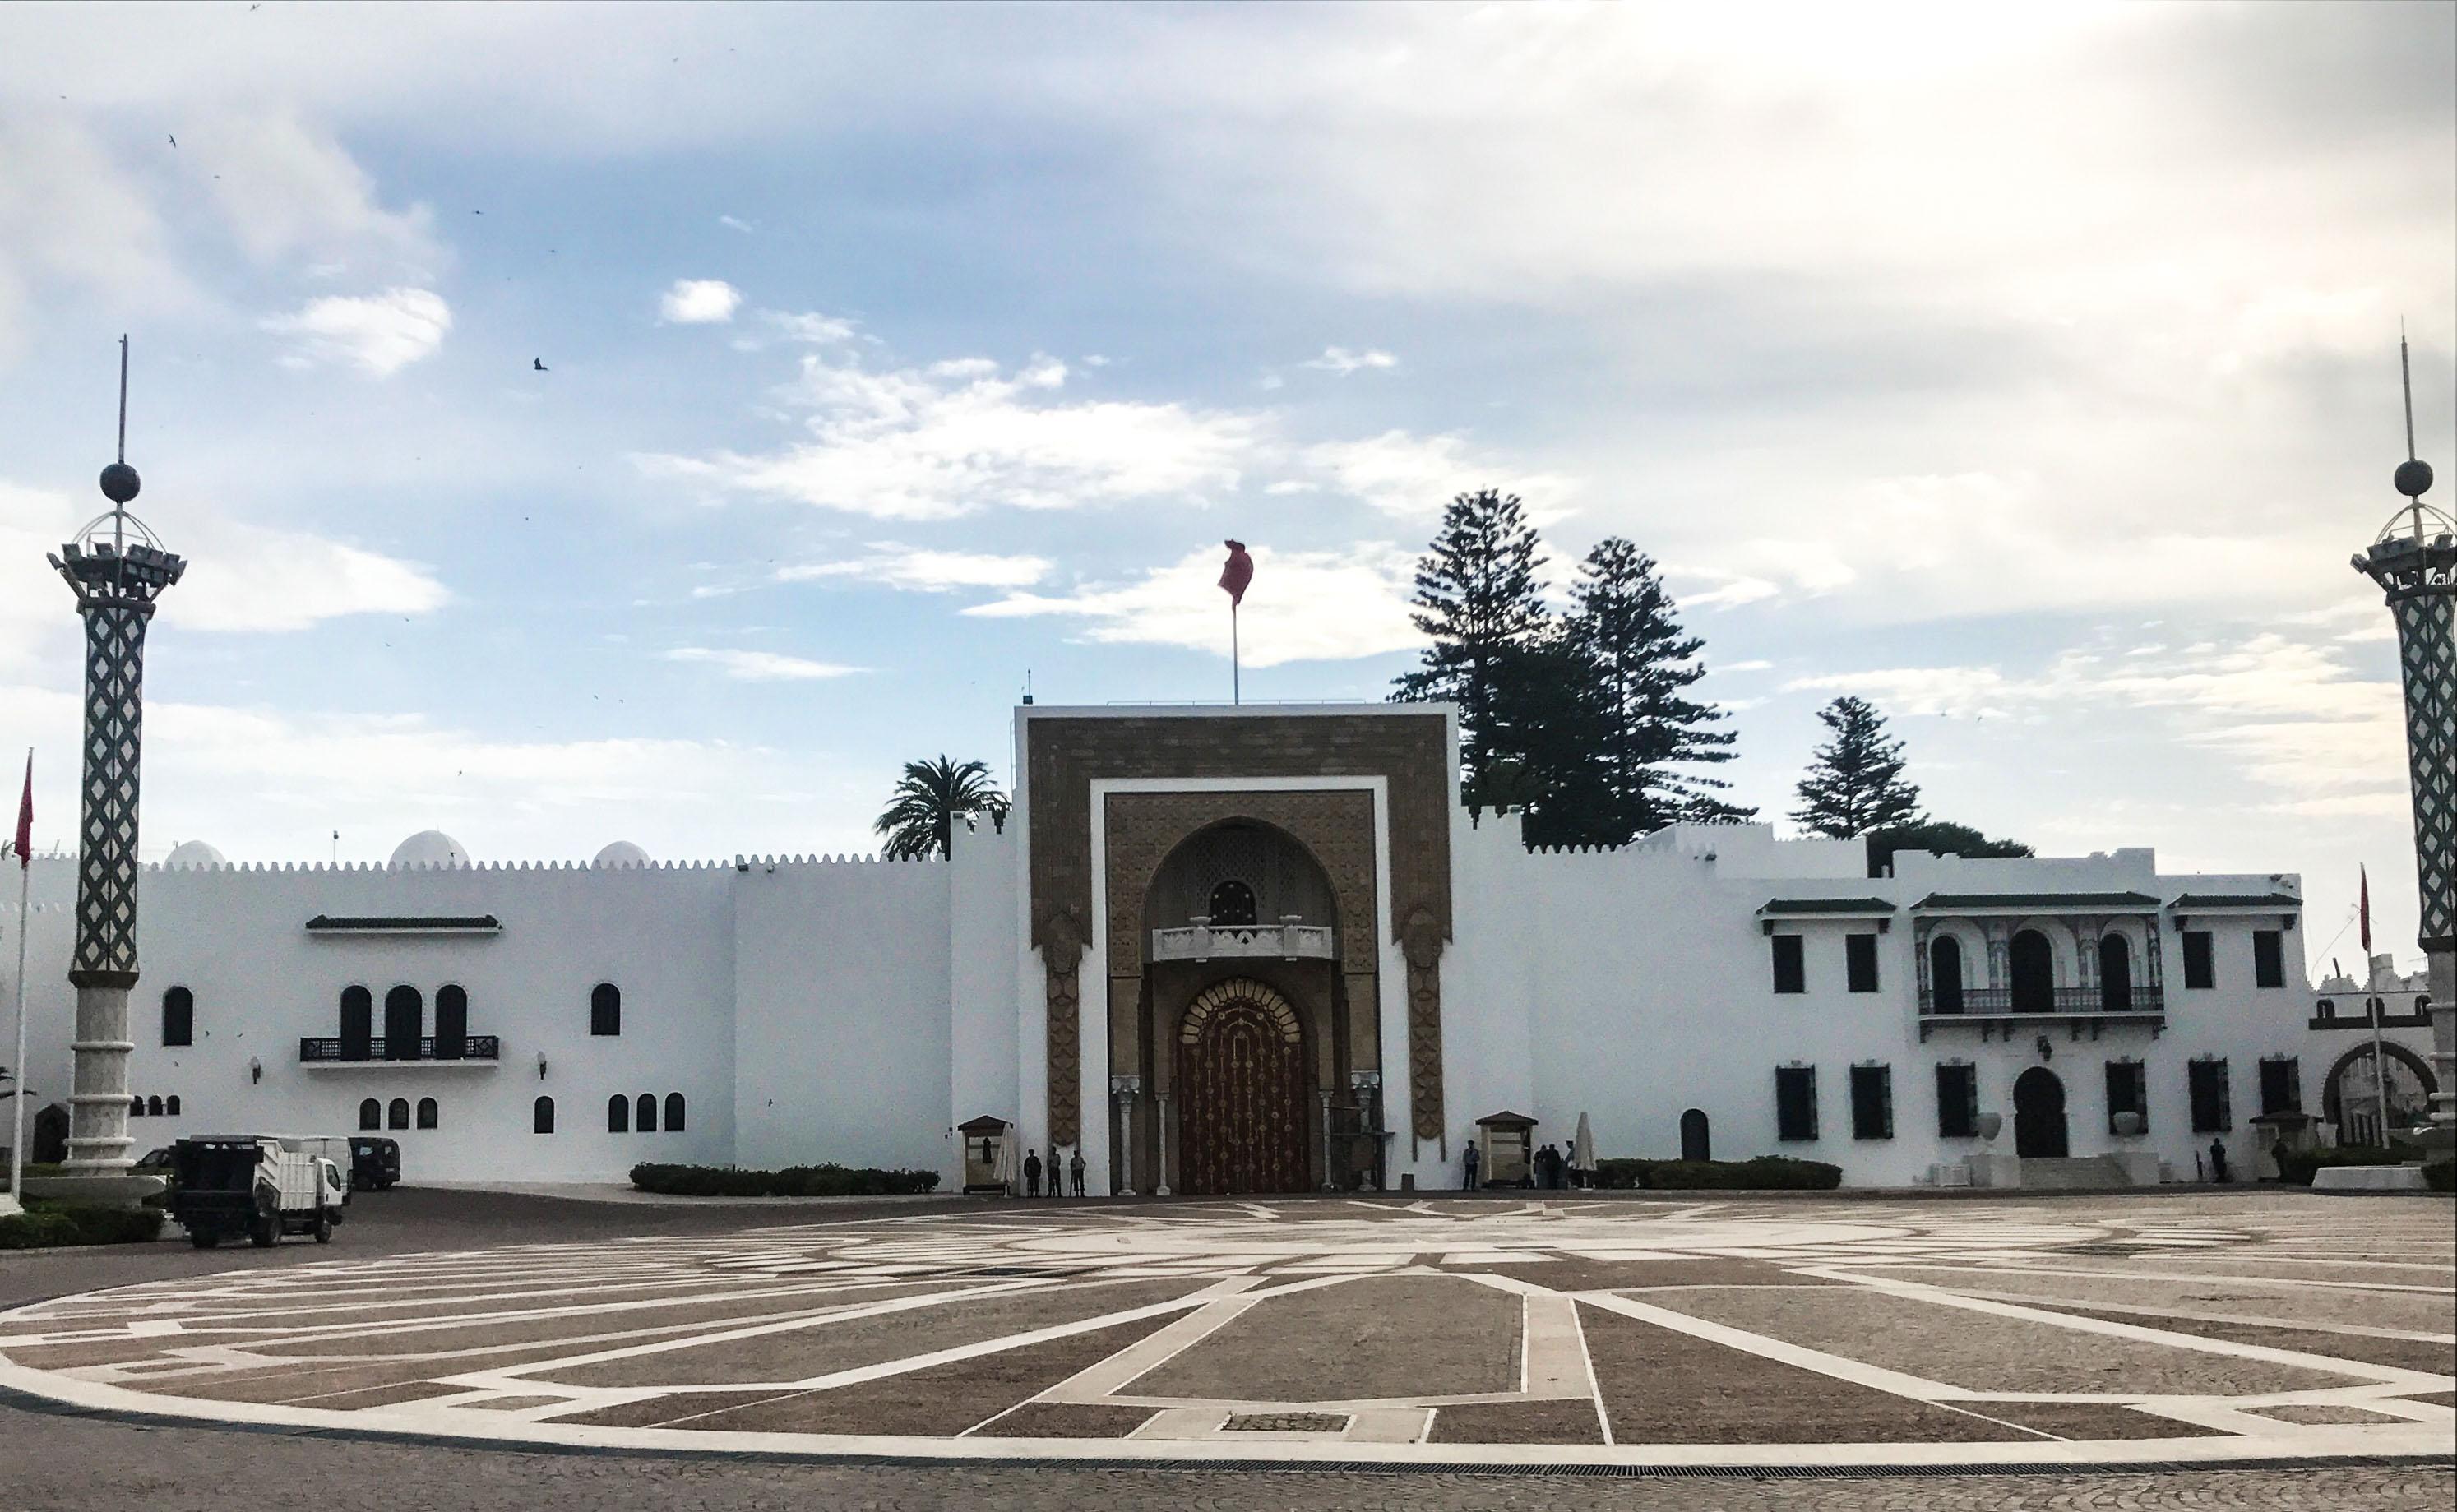 bus-tour-spanien-marokko-gibraltar-reiseblog-travelblog-reiseübelkeit-tipps-road-trip_7059.JPG